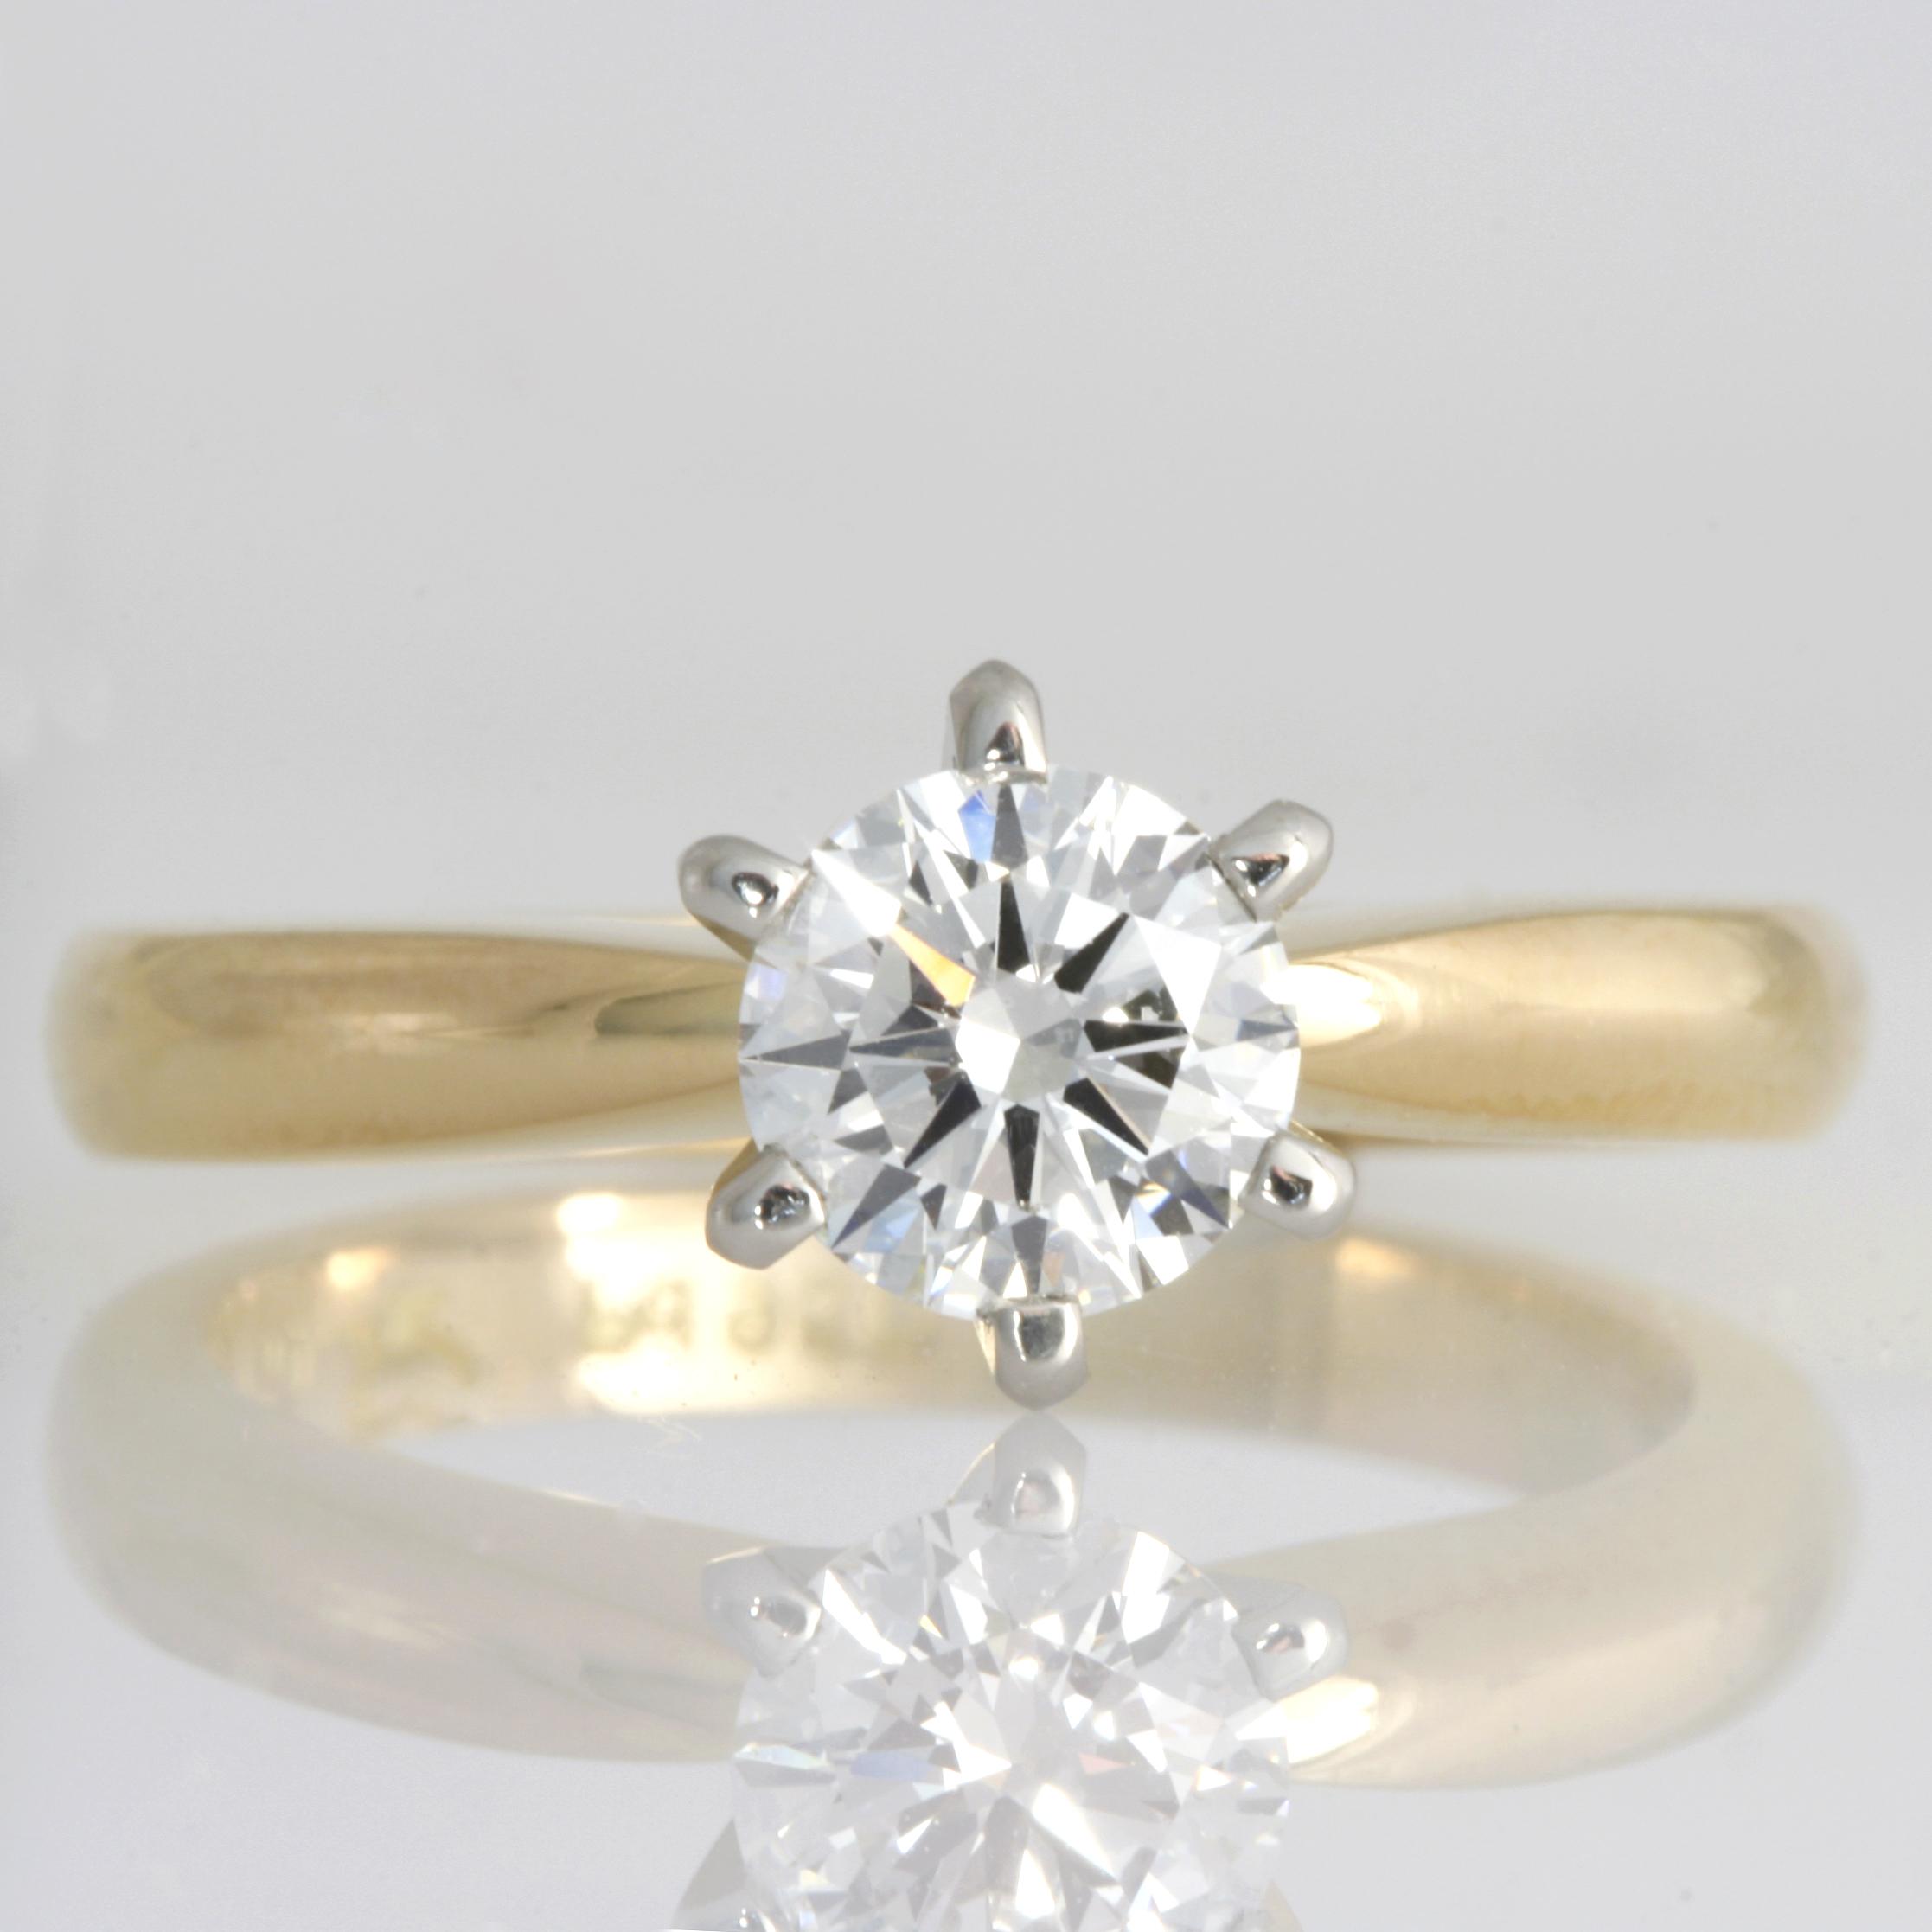 Handmade ladies 18ct yellow gold and palladium diamond engagement ring